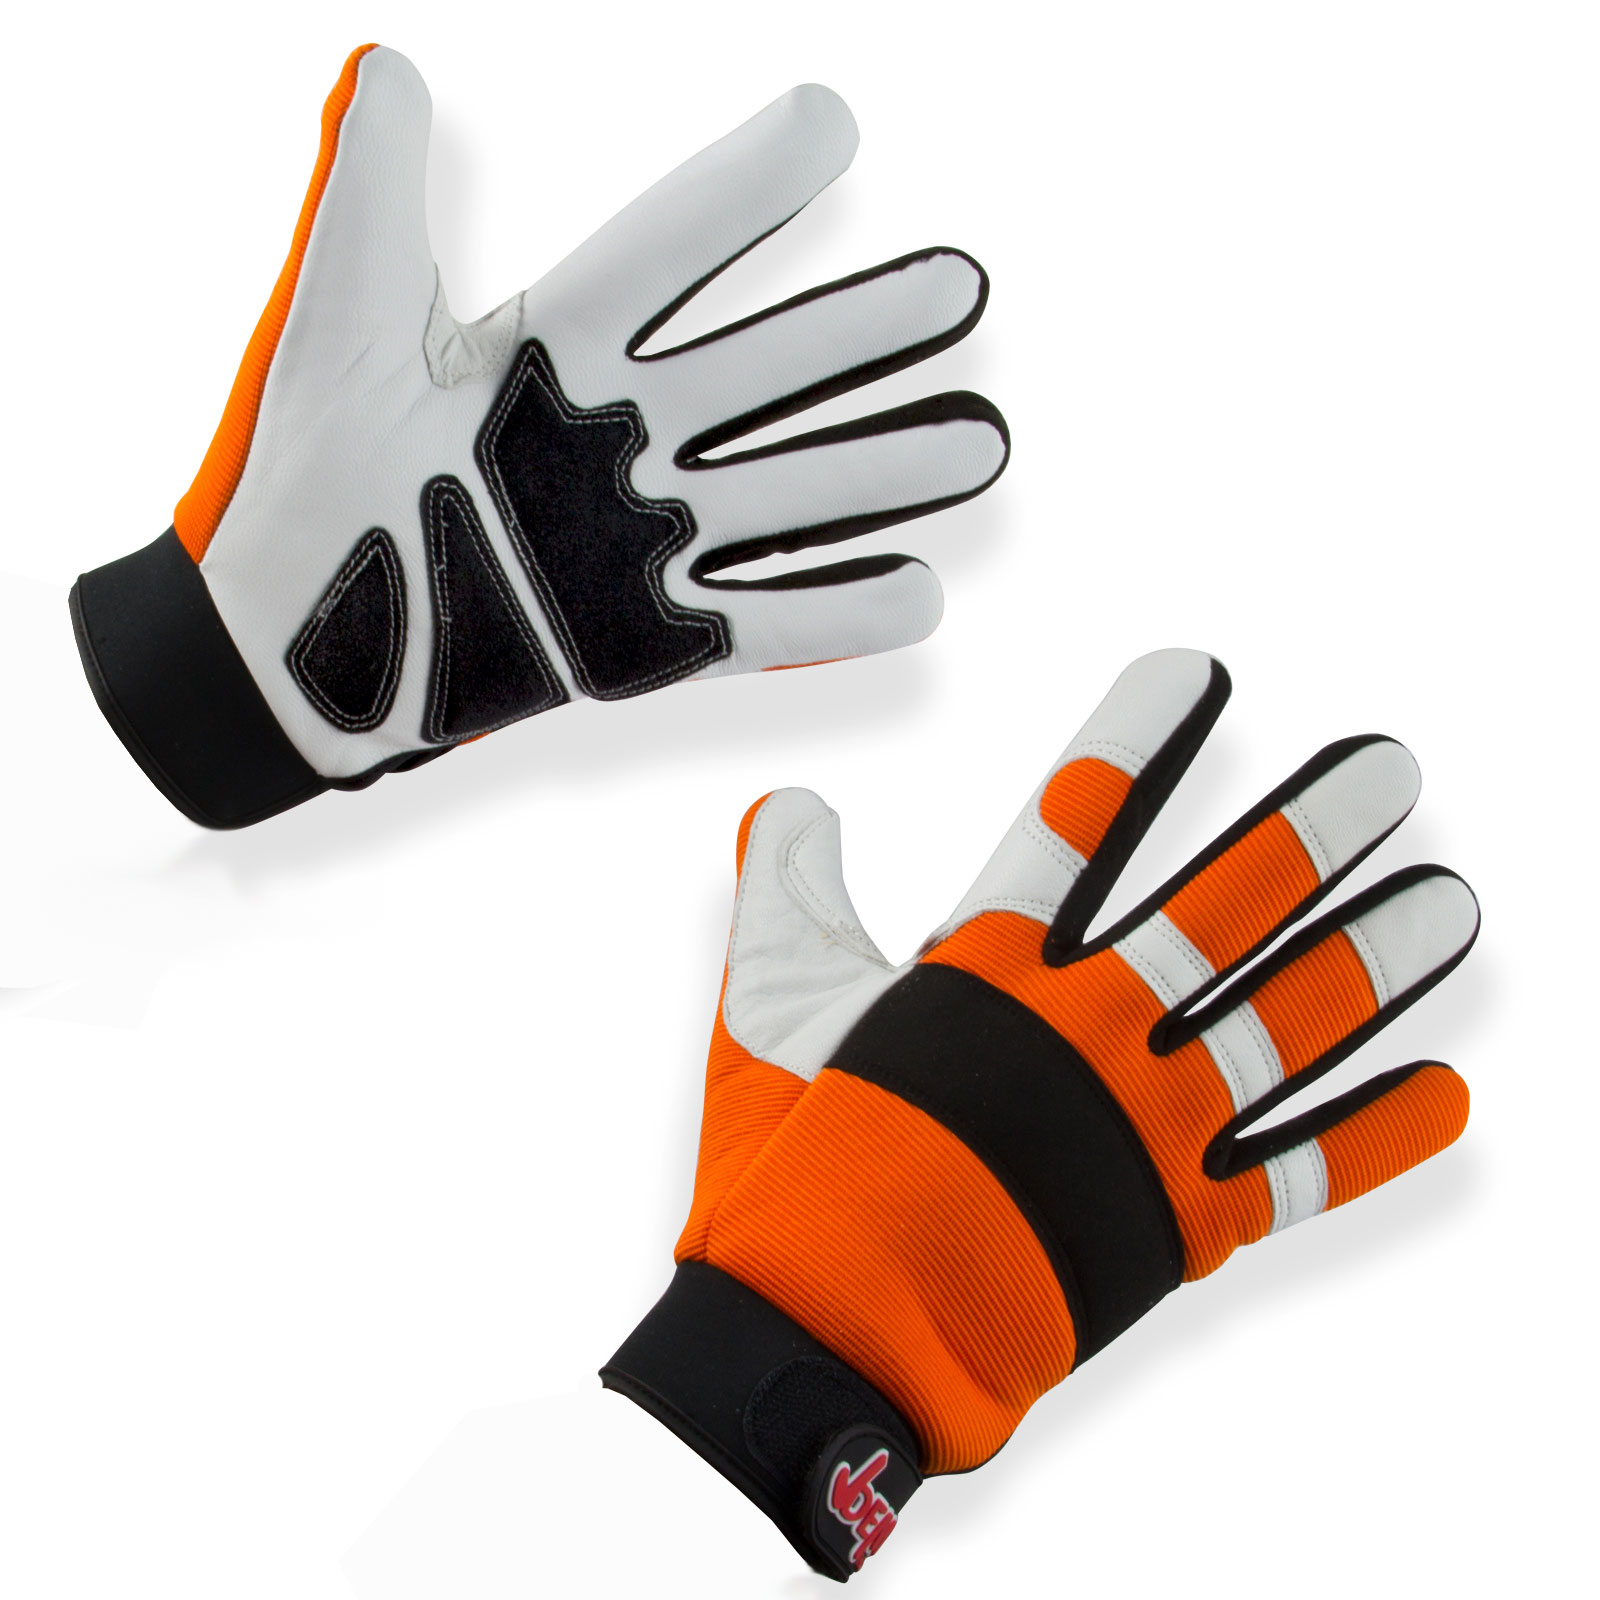 Bild zu Marken Forst Schnittschutz-Handschuhe Gr. 9-12 Class1 DIN EN 381